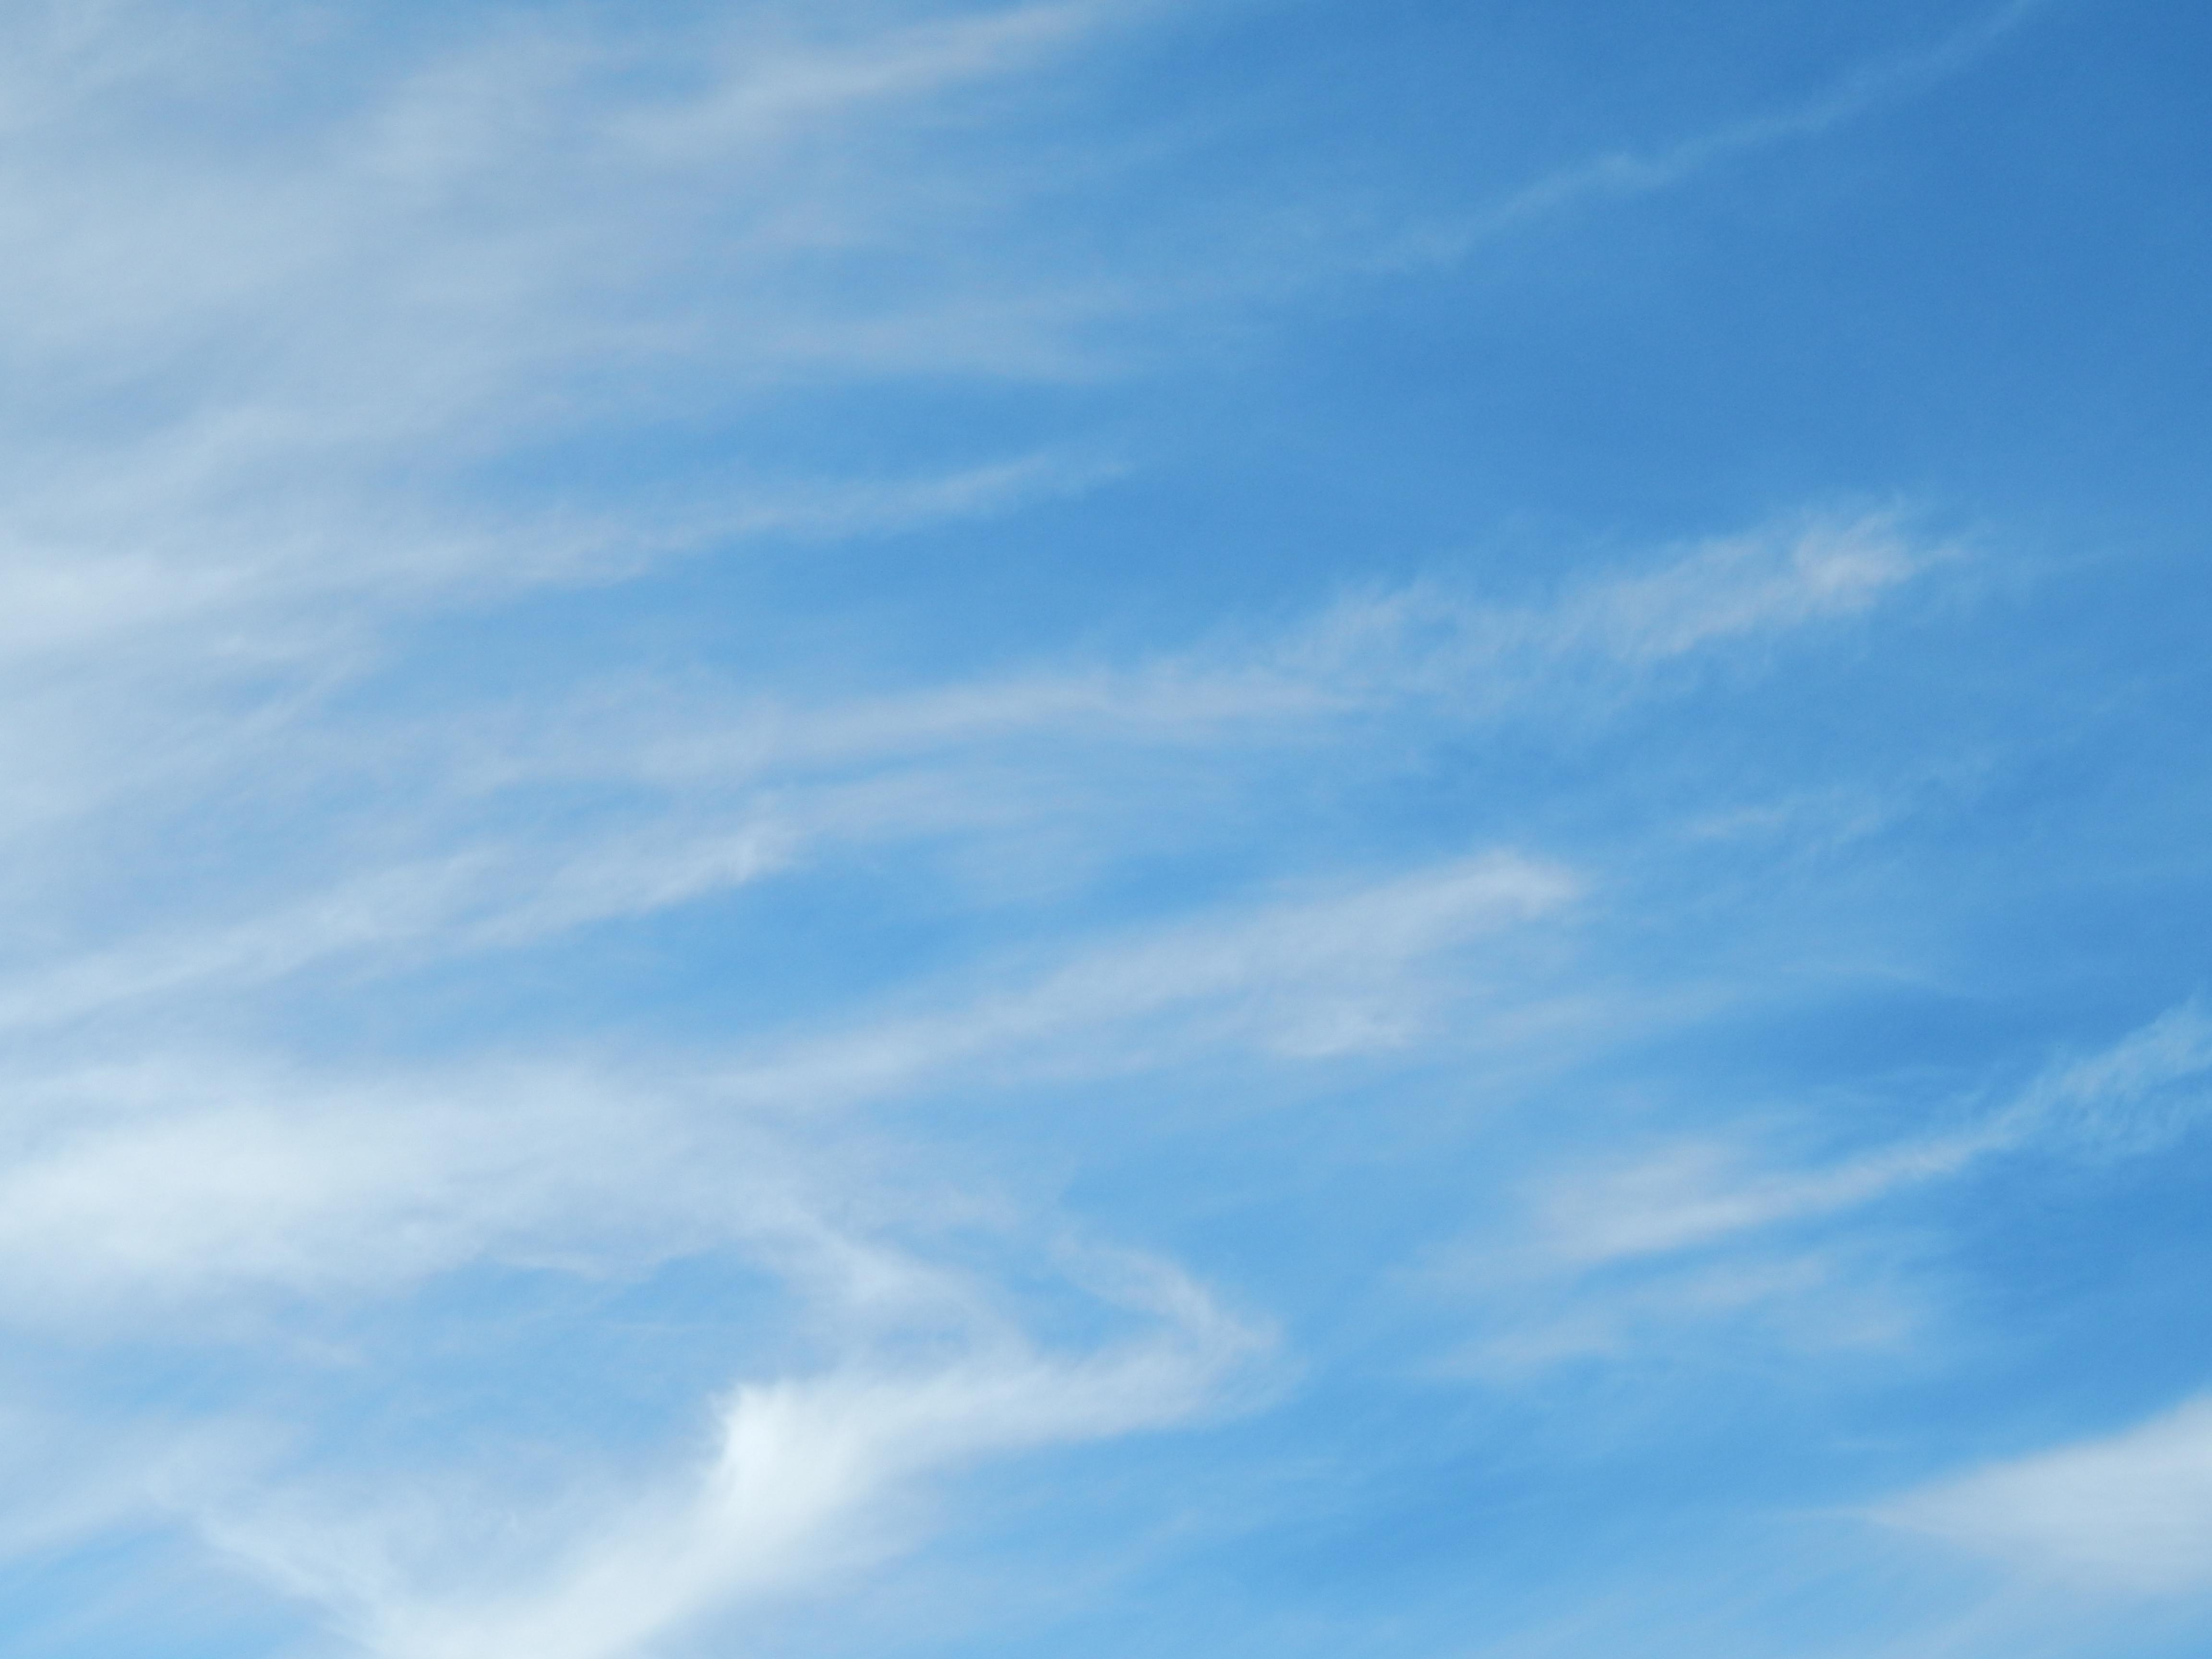 Blue Sky, Blue, Clouds, Sky, HQ Photo